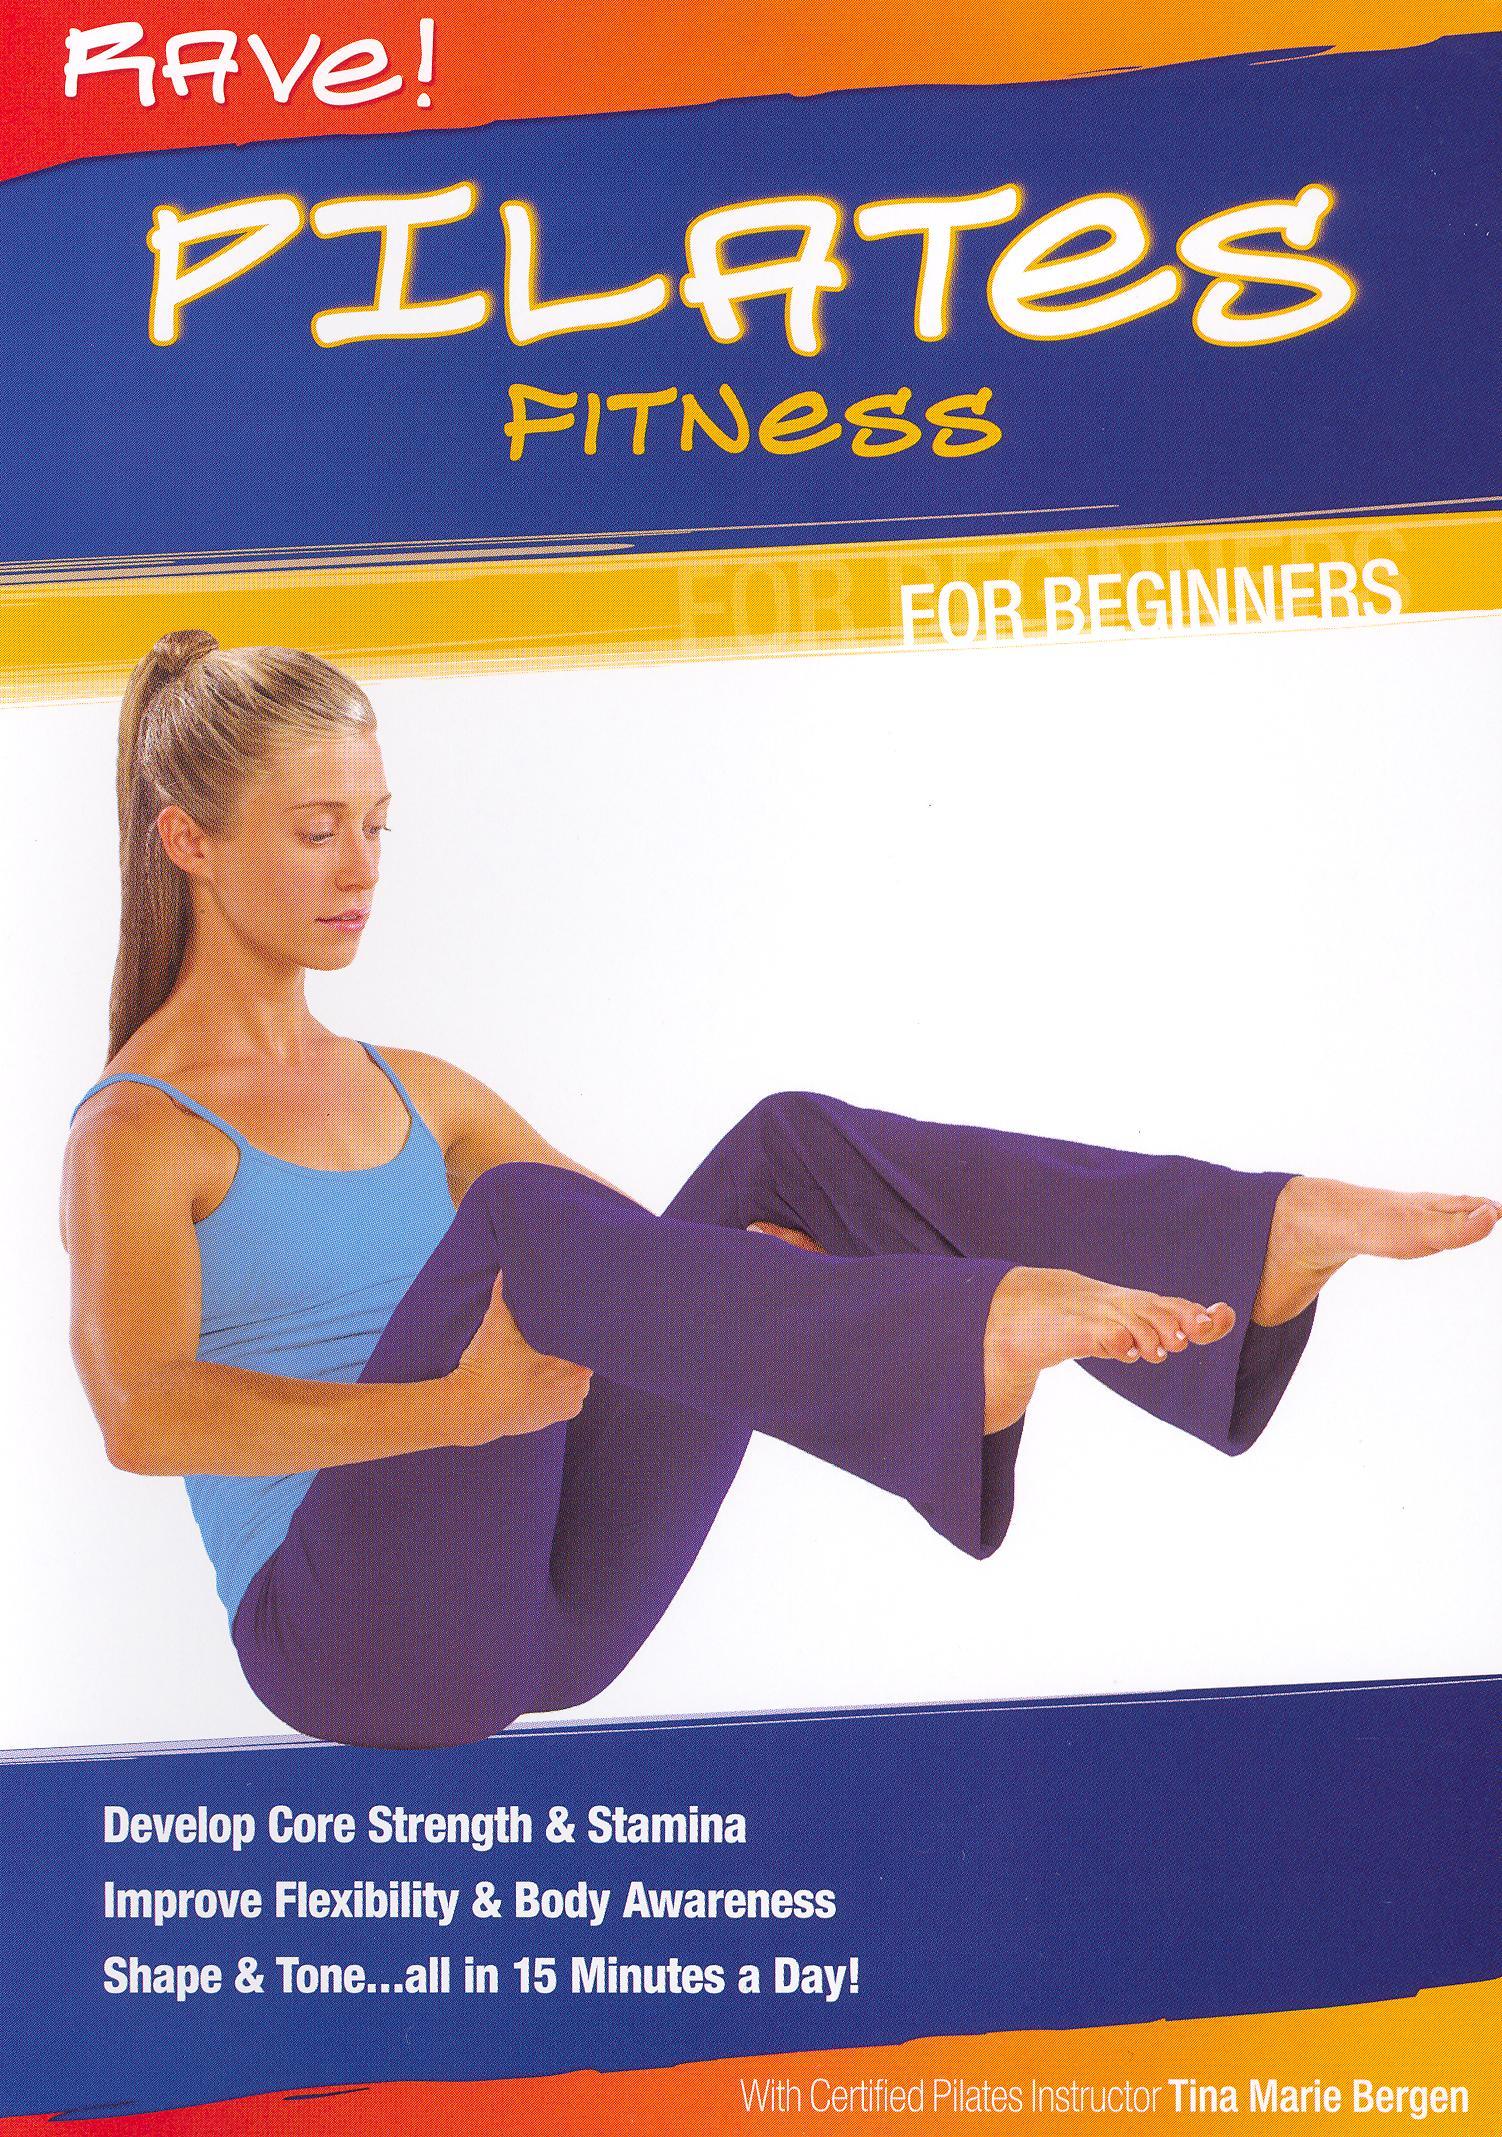 Rave! Pilates Fitness for Beginners